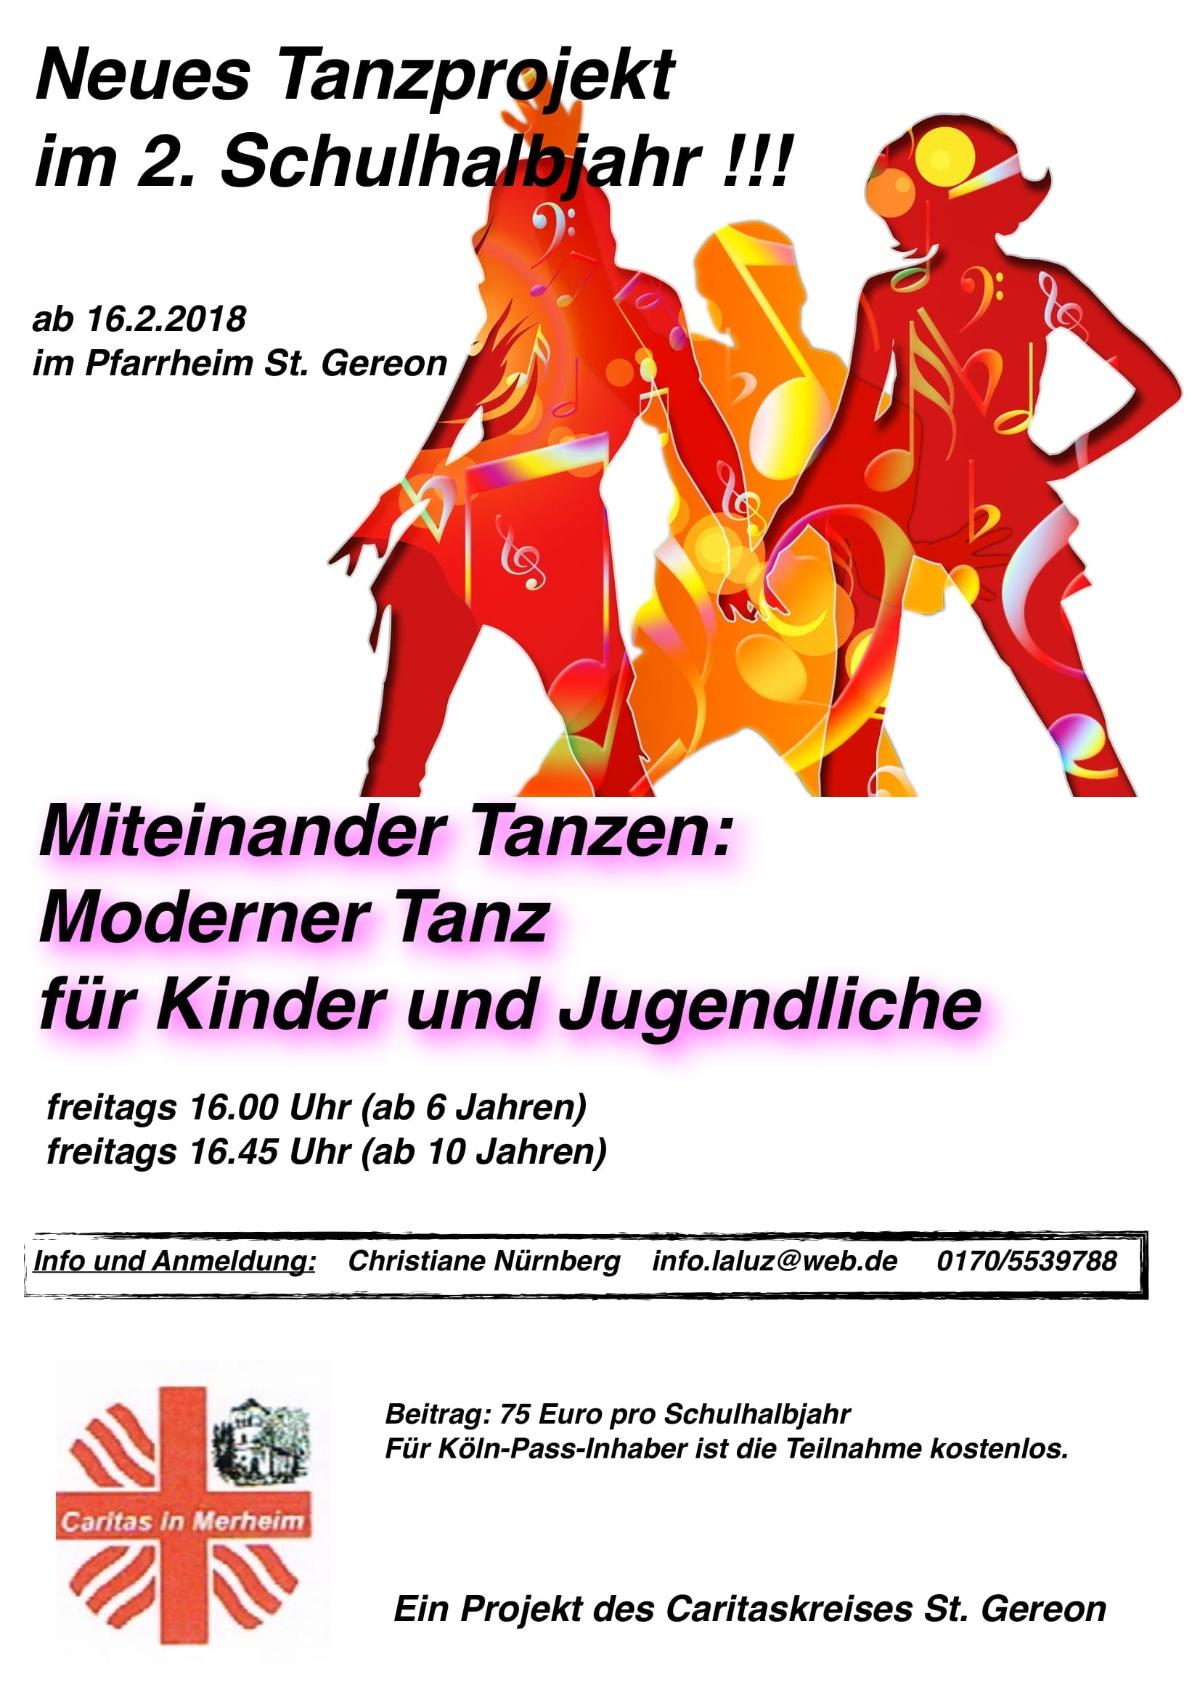 Großzügig Tanz Lebenslauf Probe Galerie - Beispiel Wiederaufnahme ...